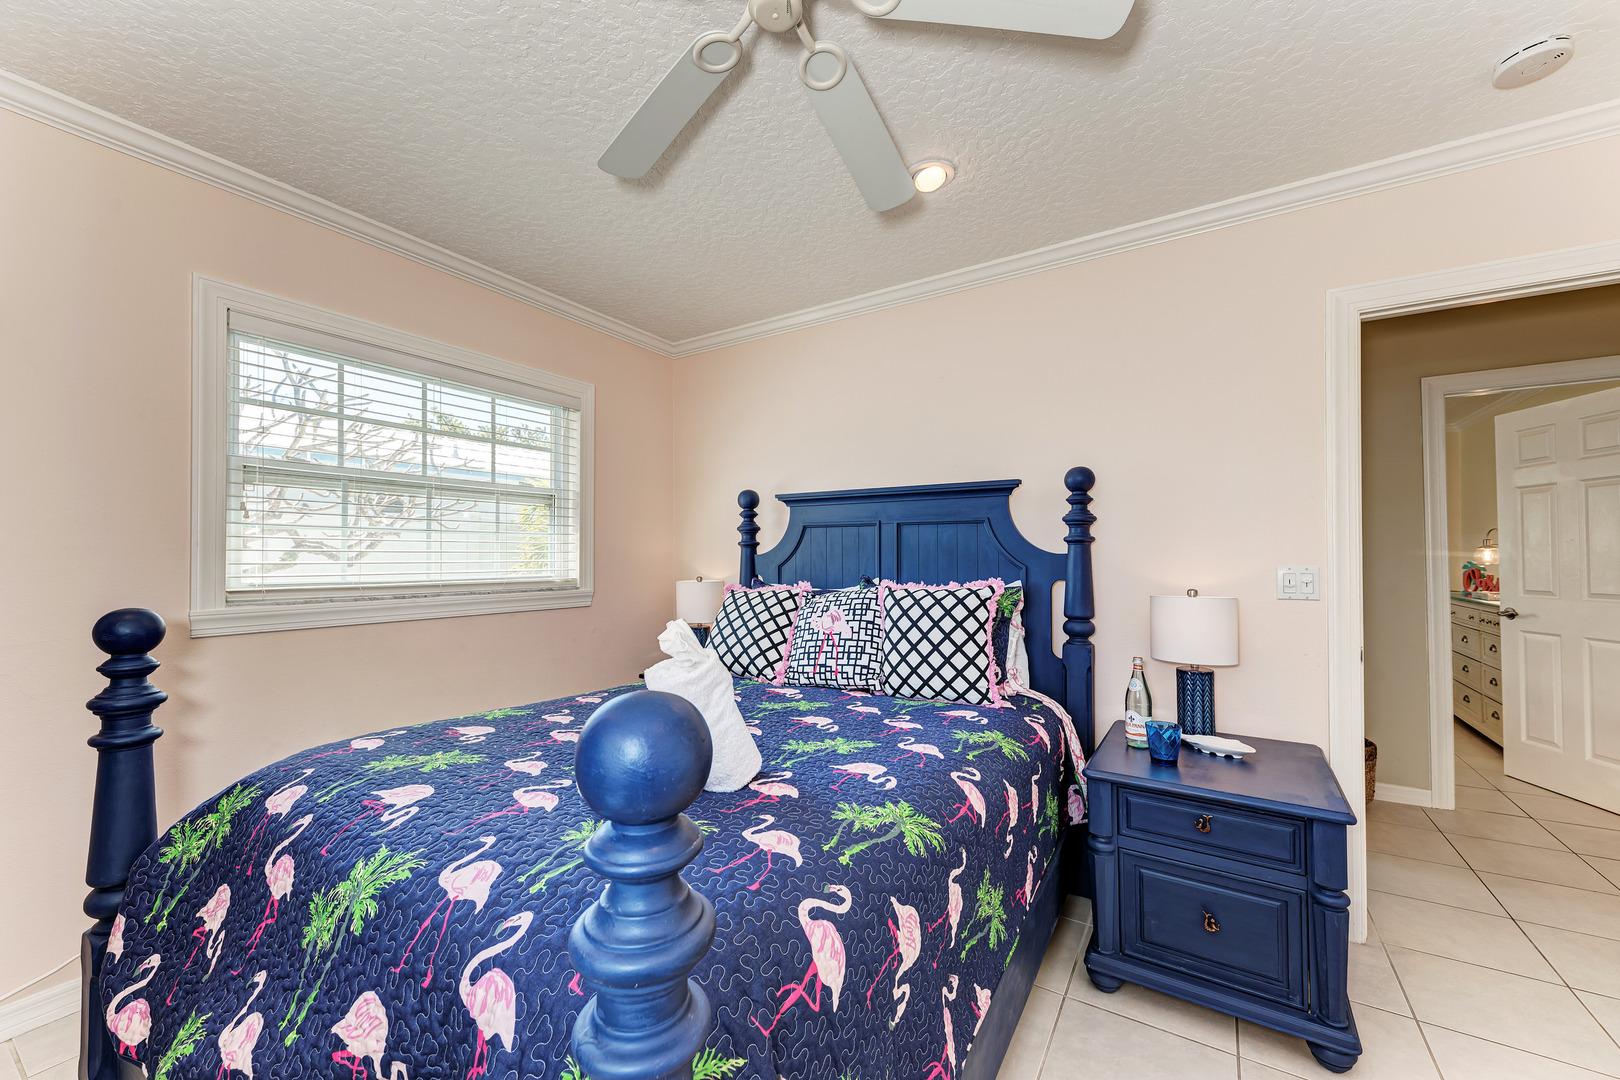 Mermaids & Manatees guest bedroom view to doorway